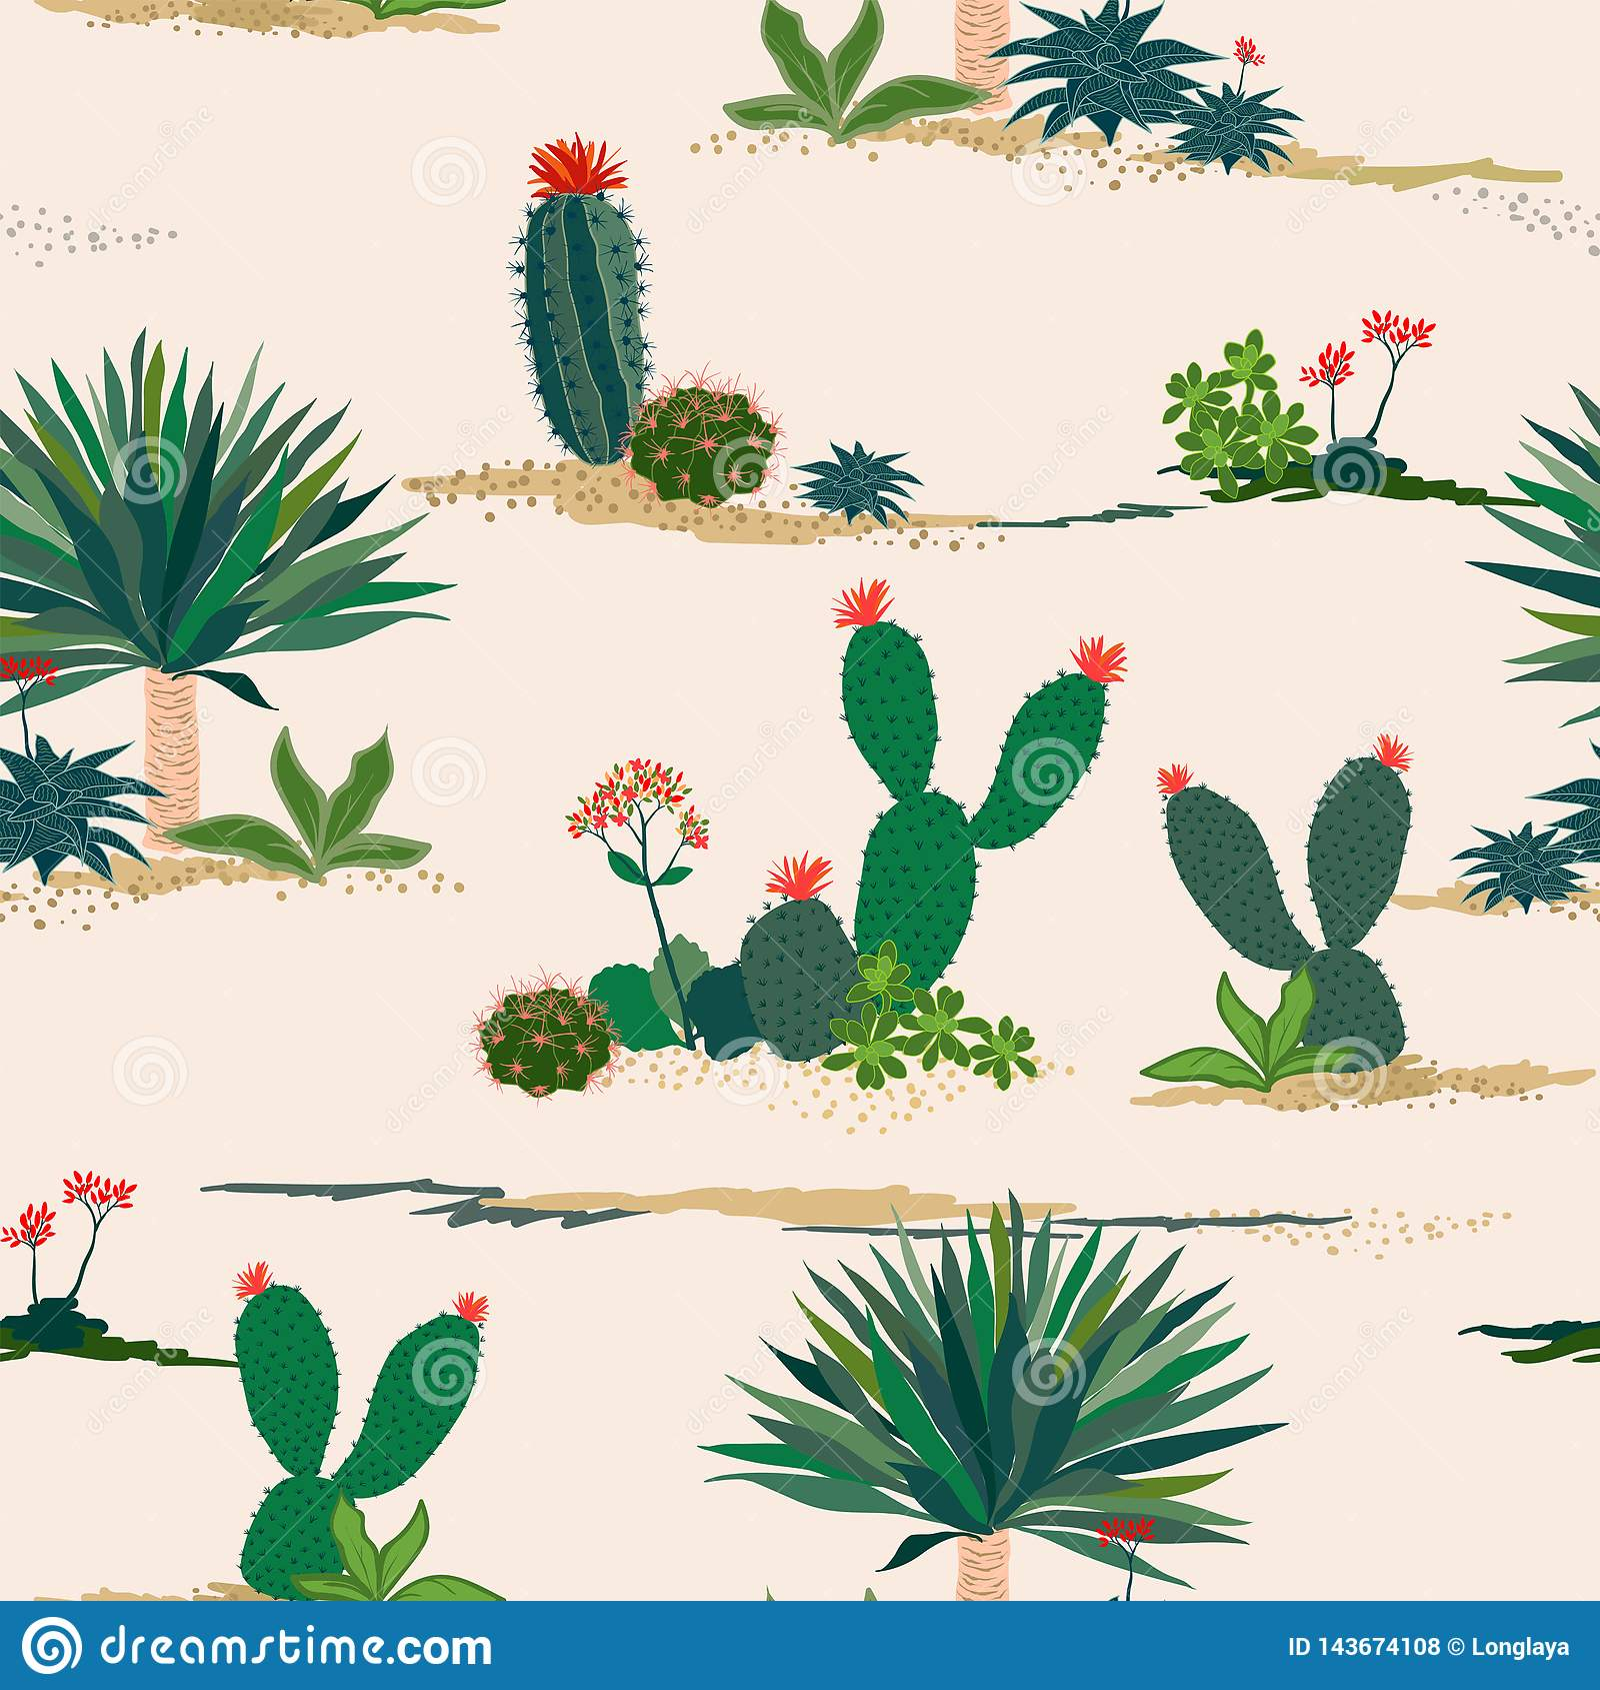 Handteckningskaktus och sömlös modell för suckulenta växter på pastellfärgad bakgrund för dekorativt, mode, tyg, textil, tryck el